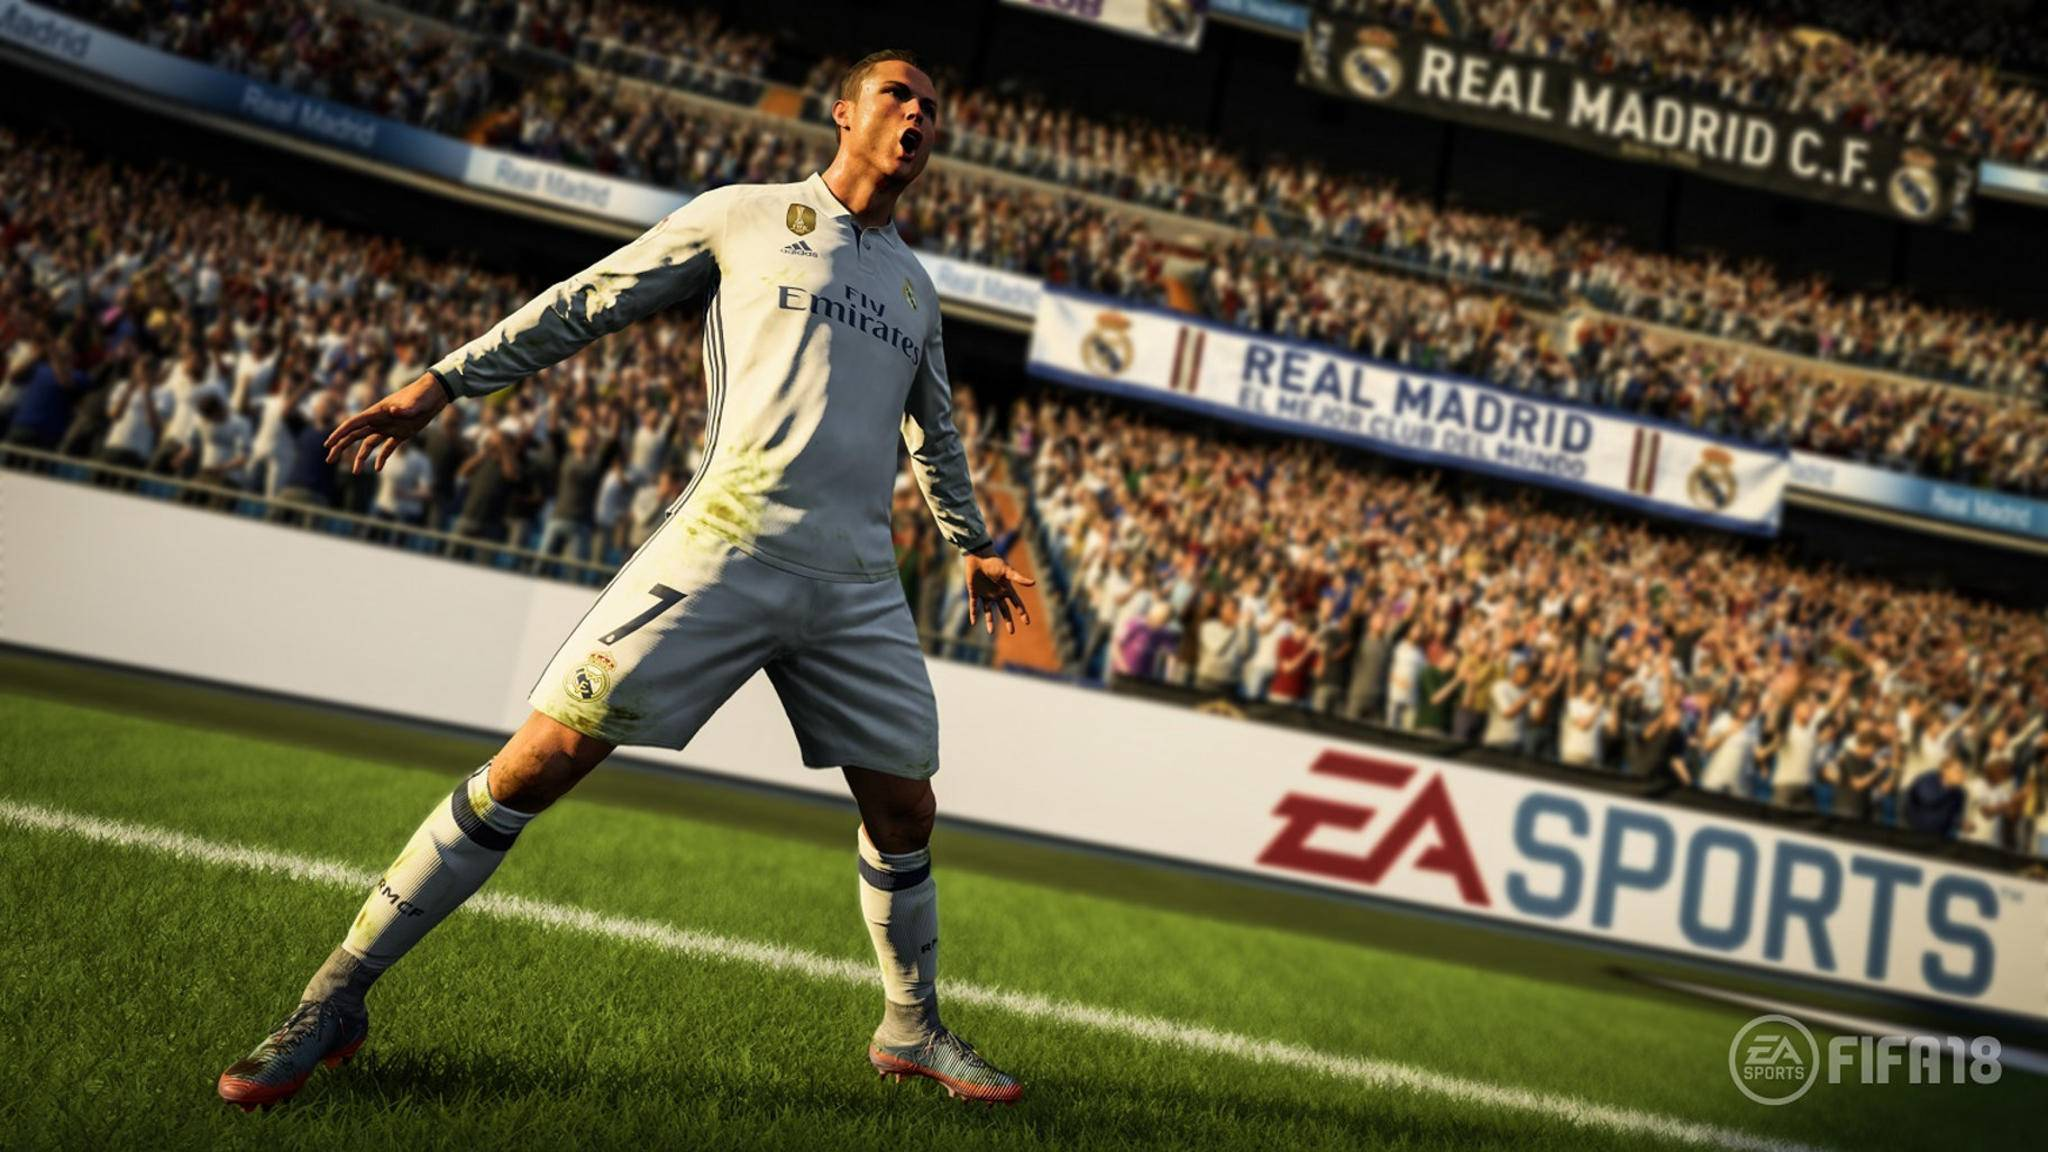 Cristiano Ronaldo ist ein gefürchteter Freistoß- und Elfmeterschütze.